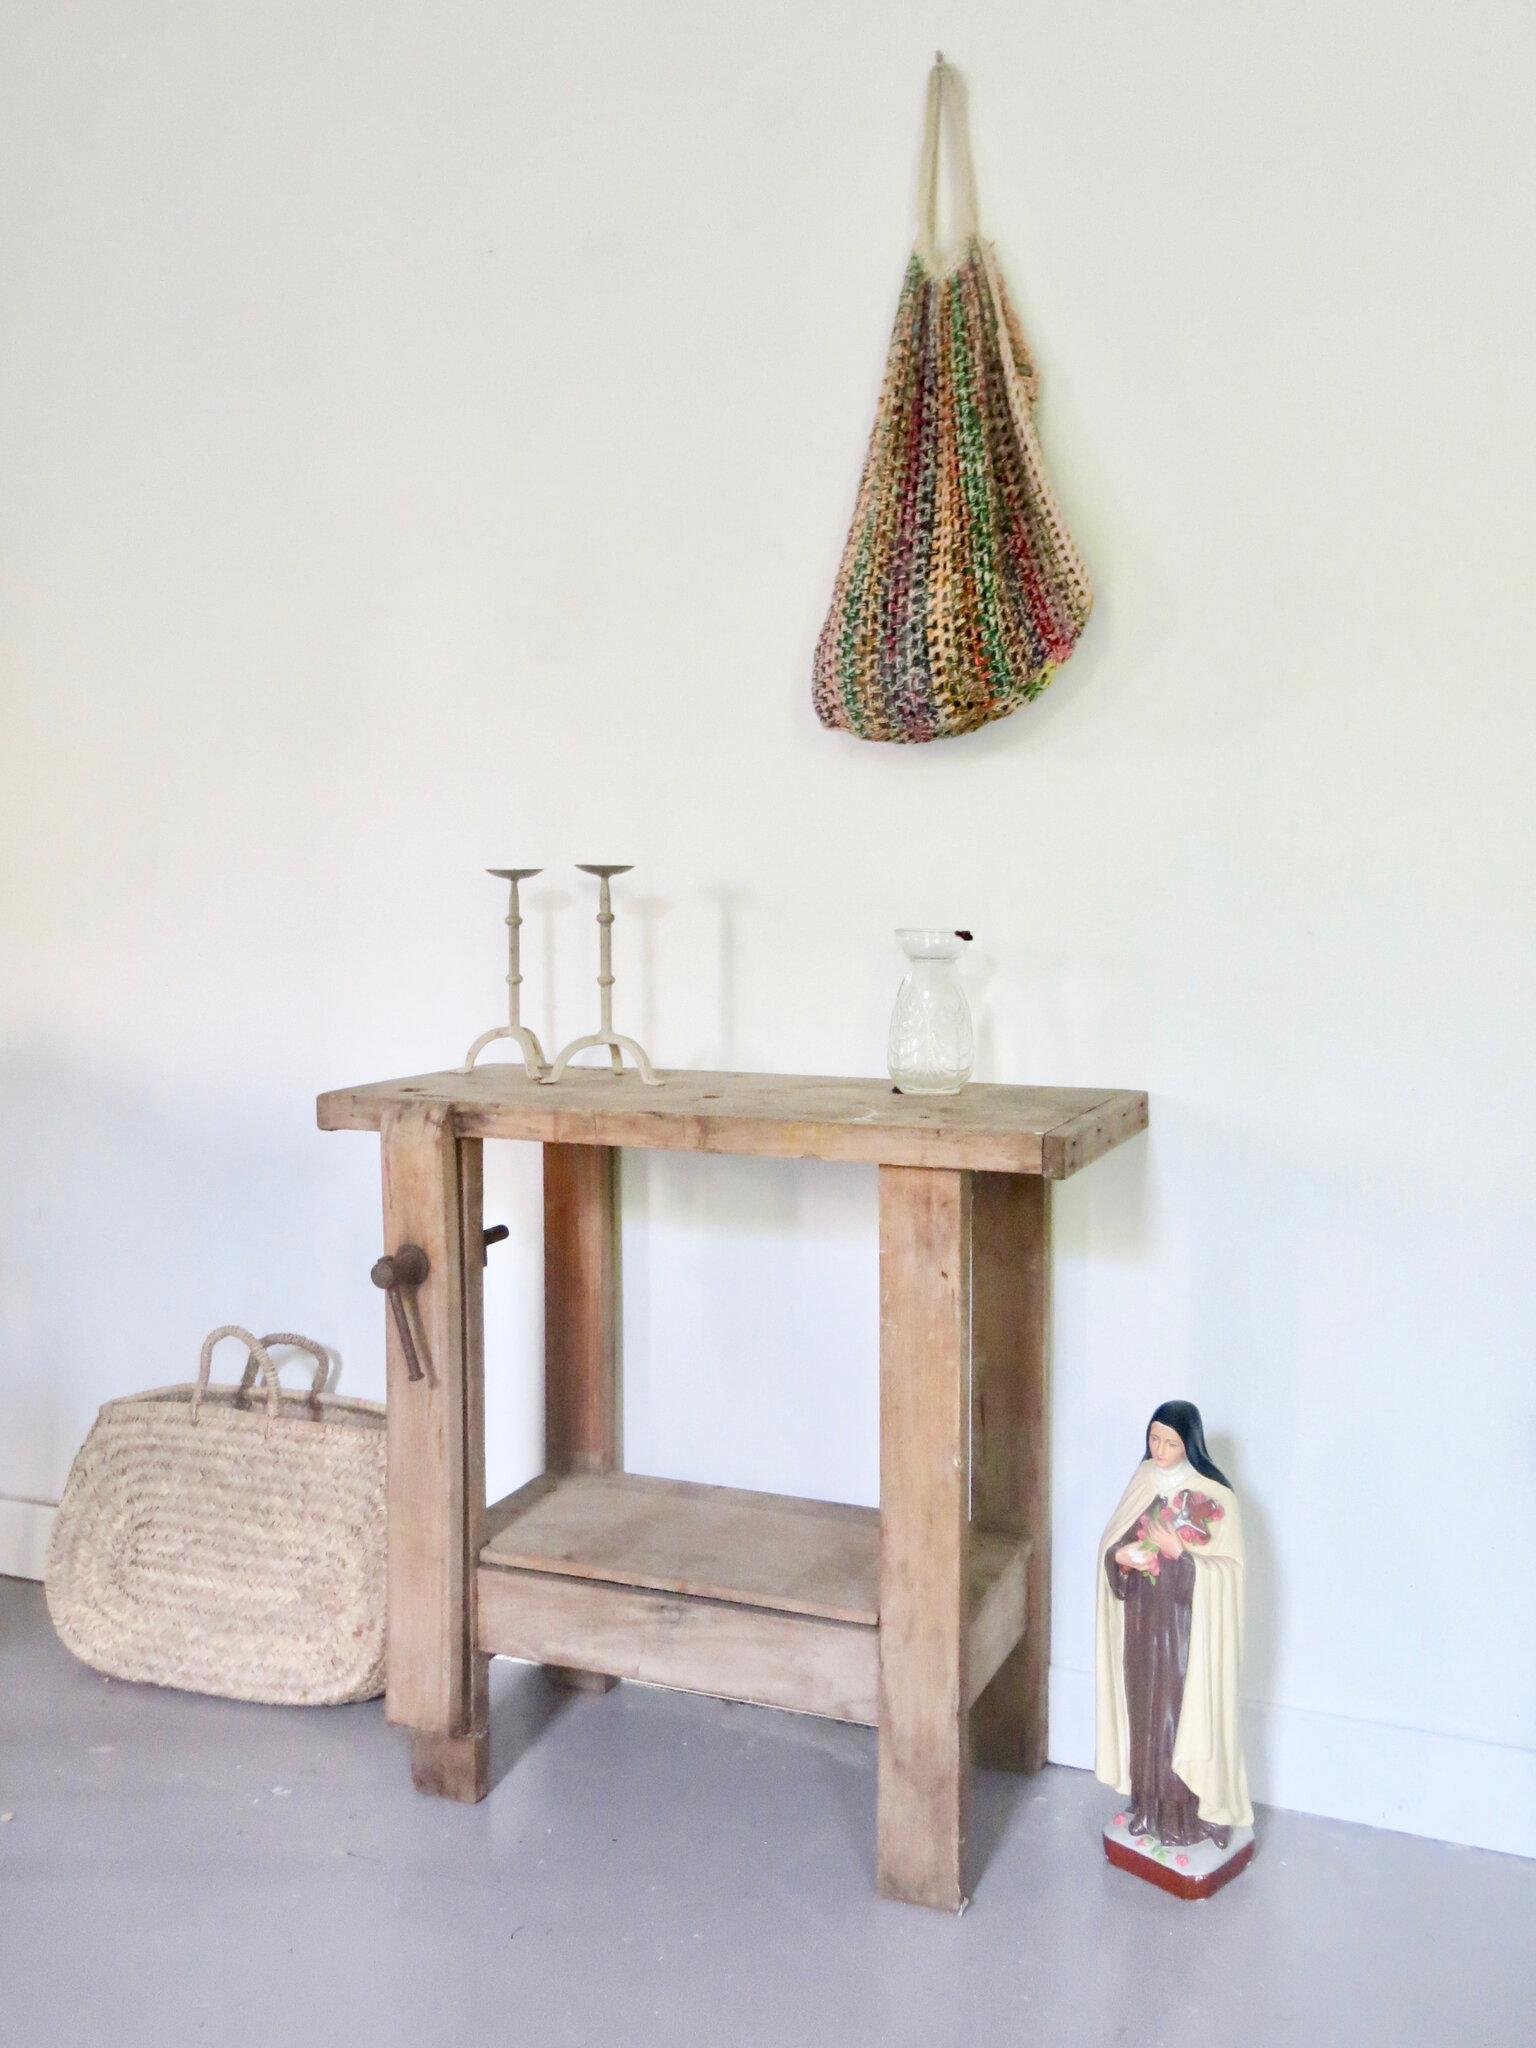 Petit Etabli Bois Ancien ancien etabli bois brut - meubles vintage pataluna chinés